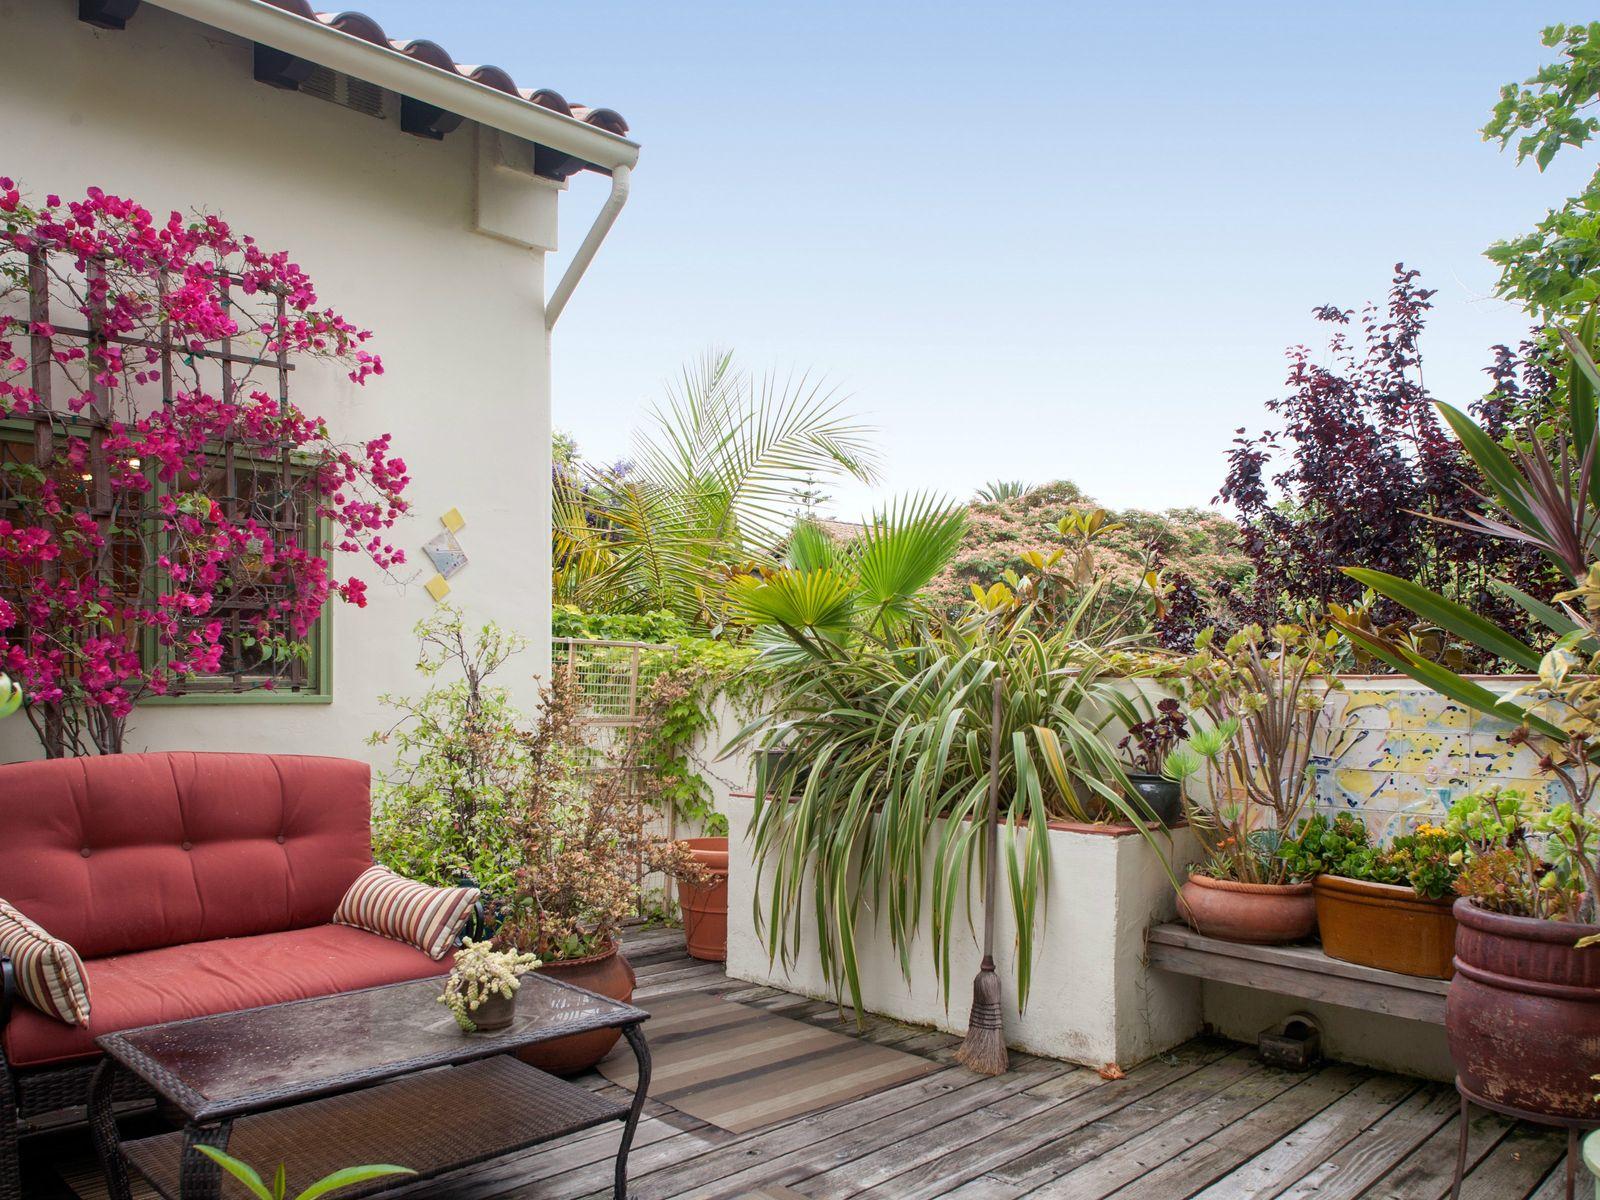 Mediterranean Style Villa and Garden